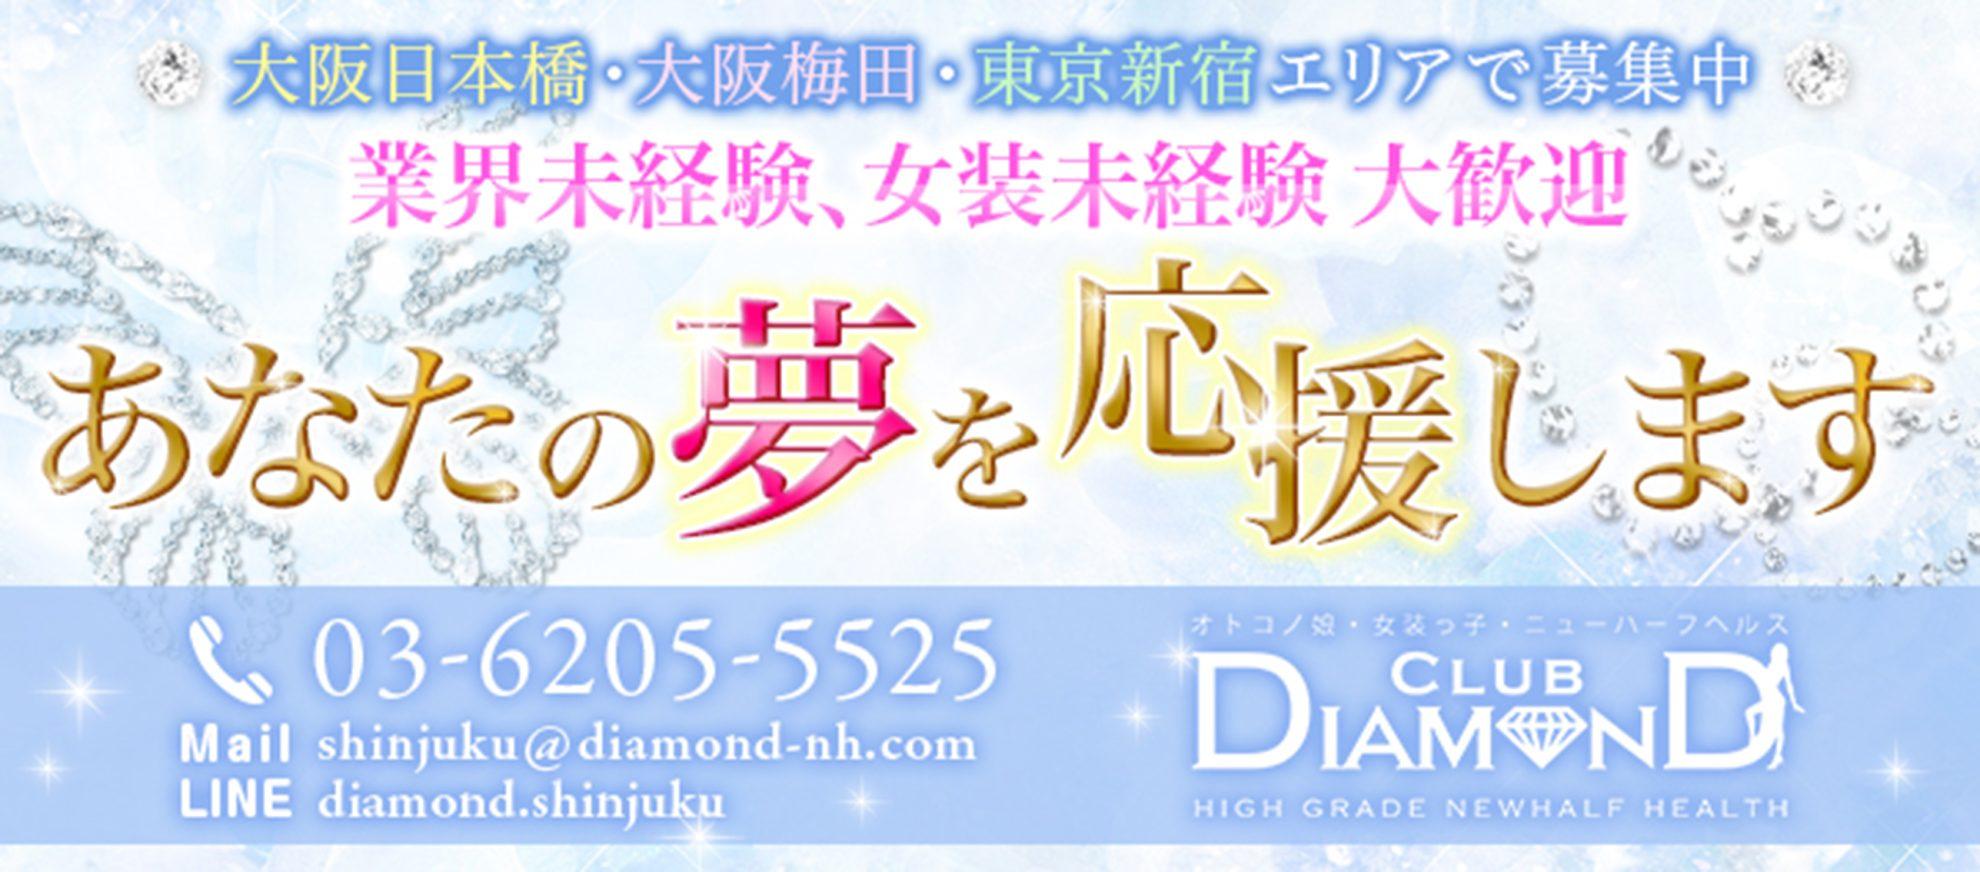 求人|大阪日本橋ニューハーフヘルスClub DIAMOND(クラブダイアモンド) ニューハーフ求人